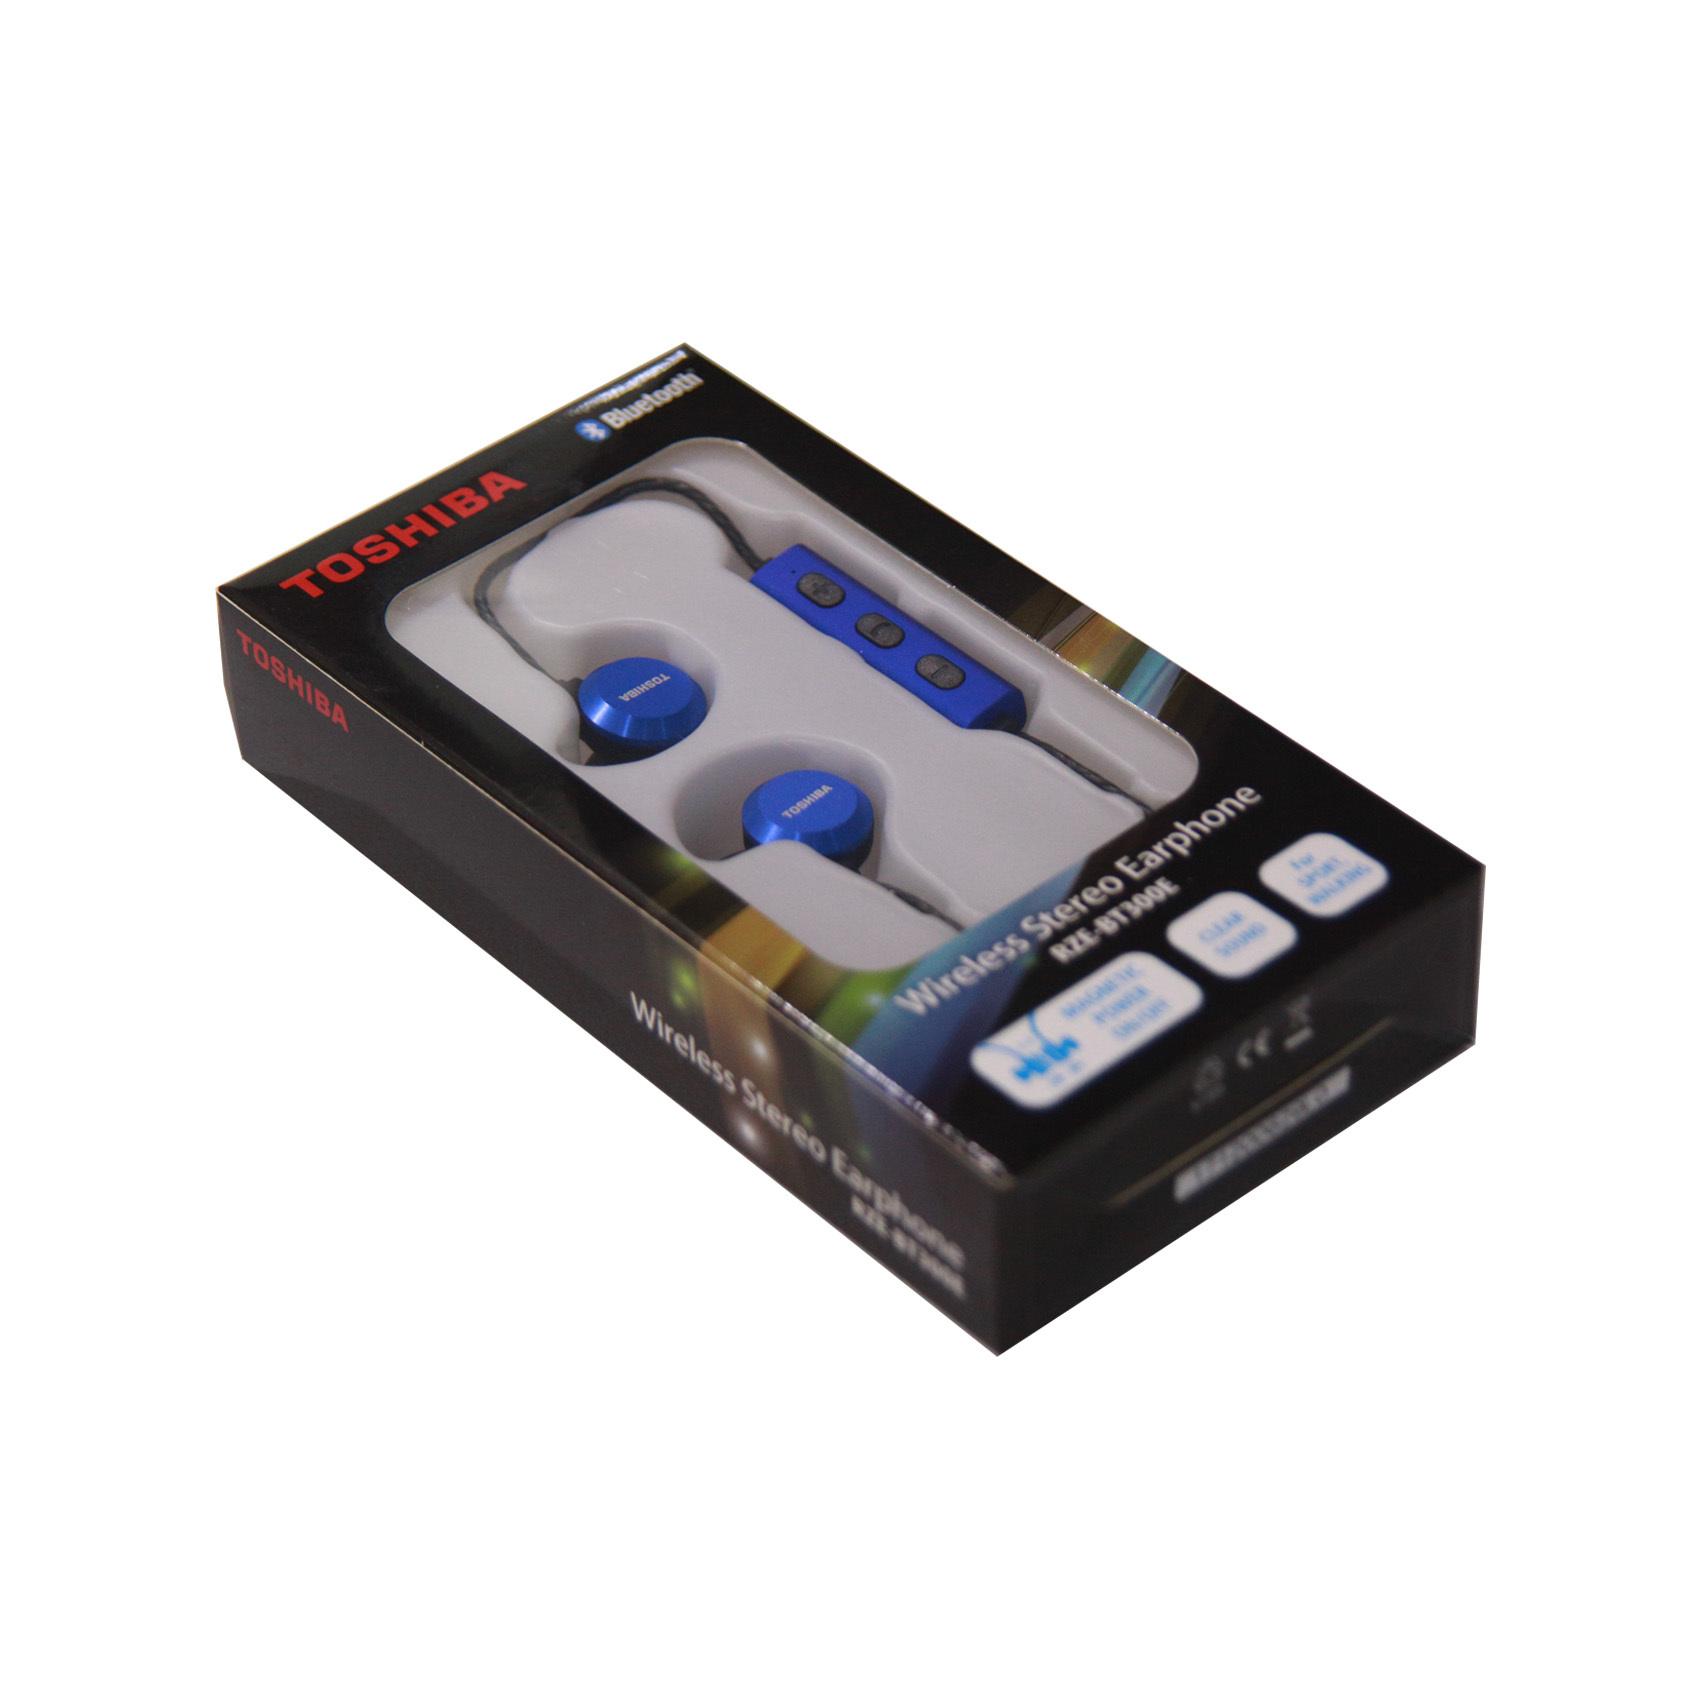 TOSHIBA EARPHONE RZE-BT300 BLUE